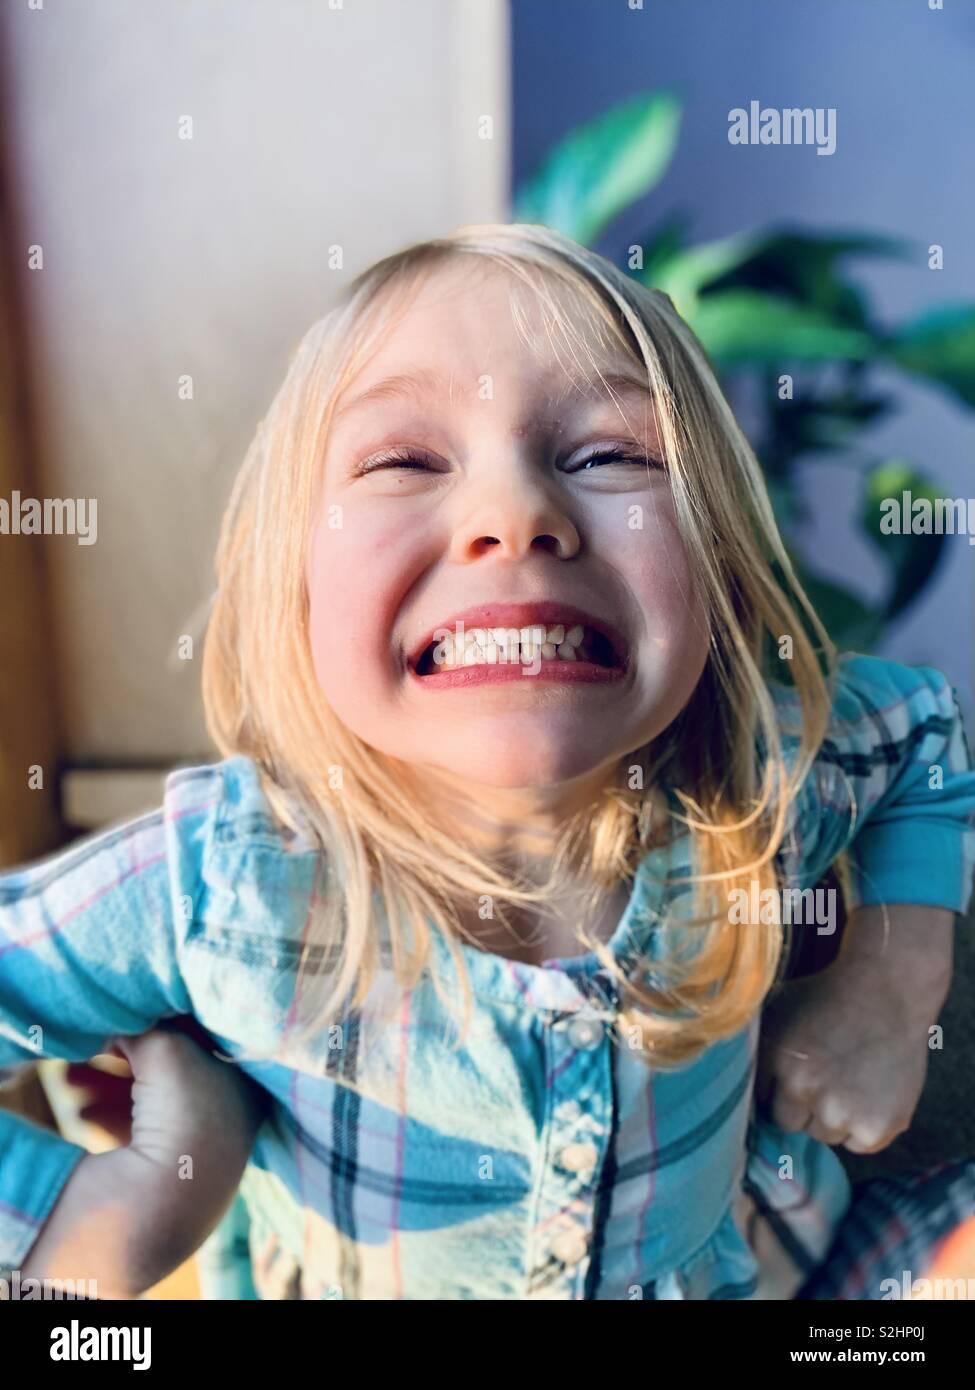 Blonde Mädchen mit einem Lächeln. Stockbild